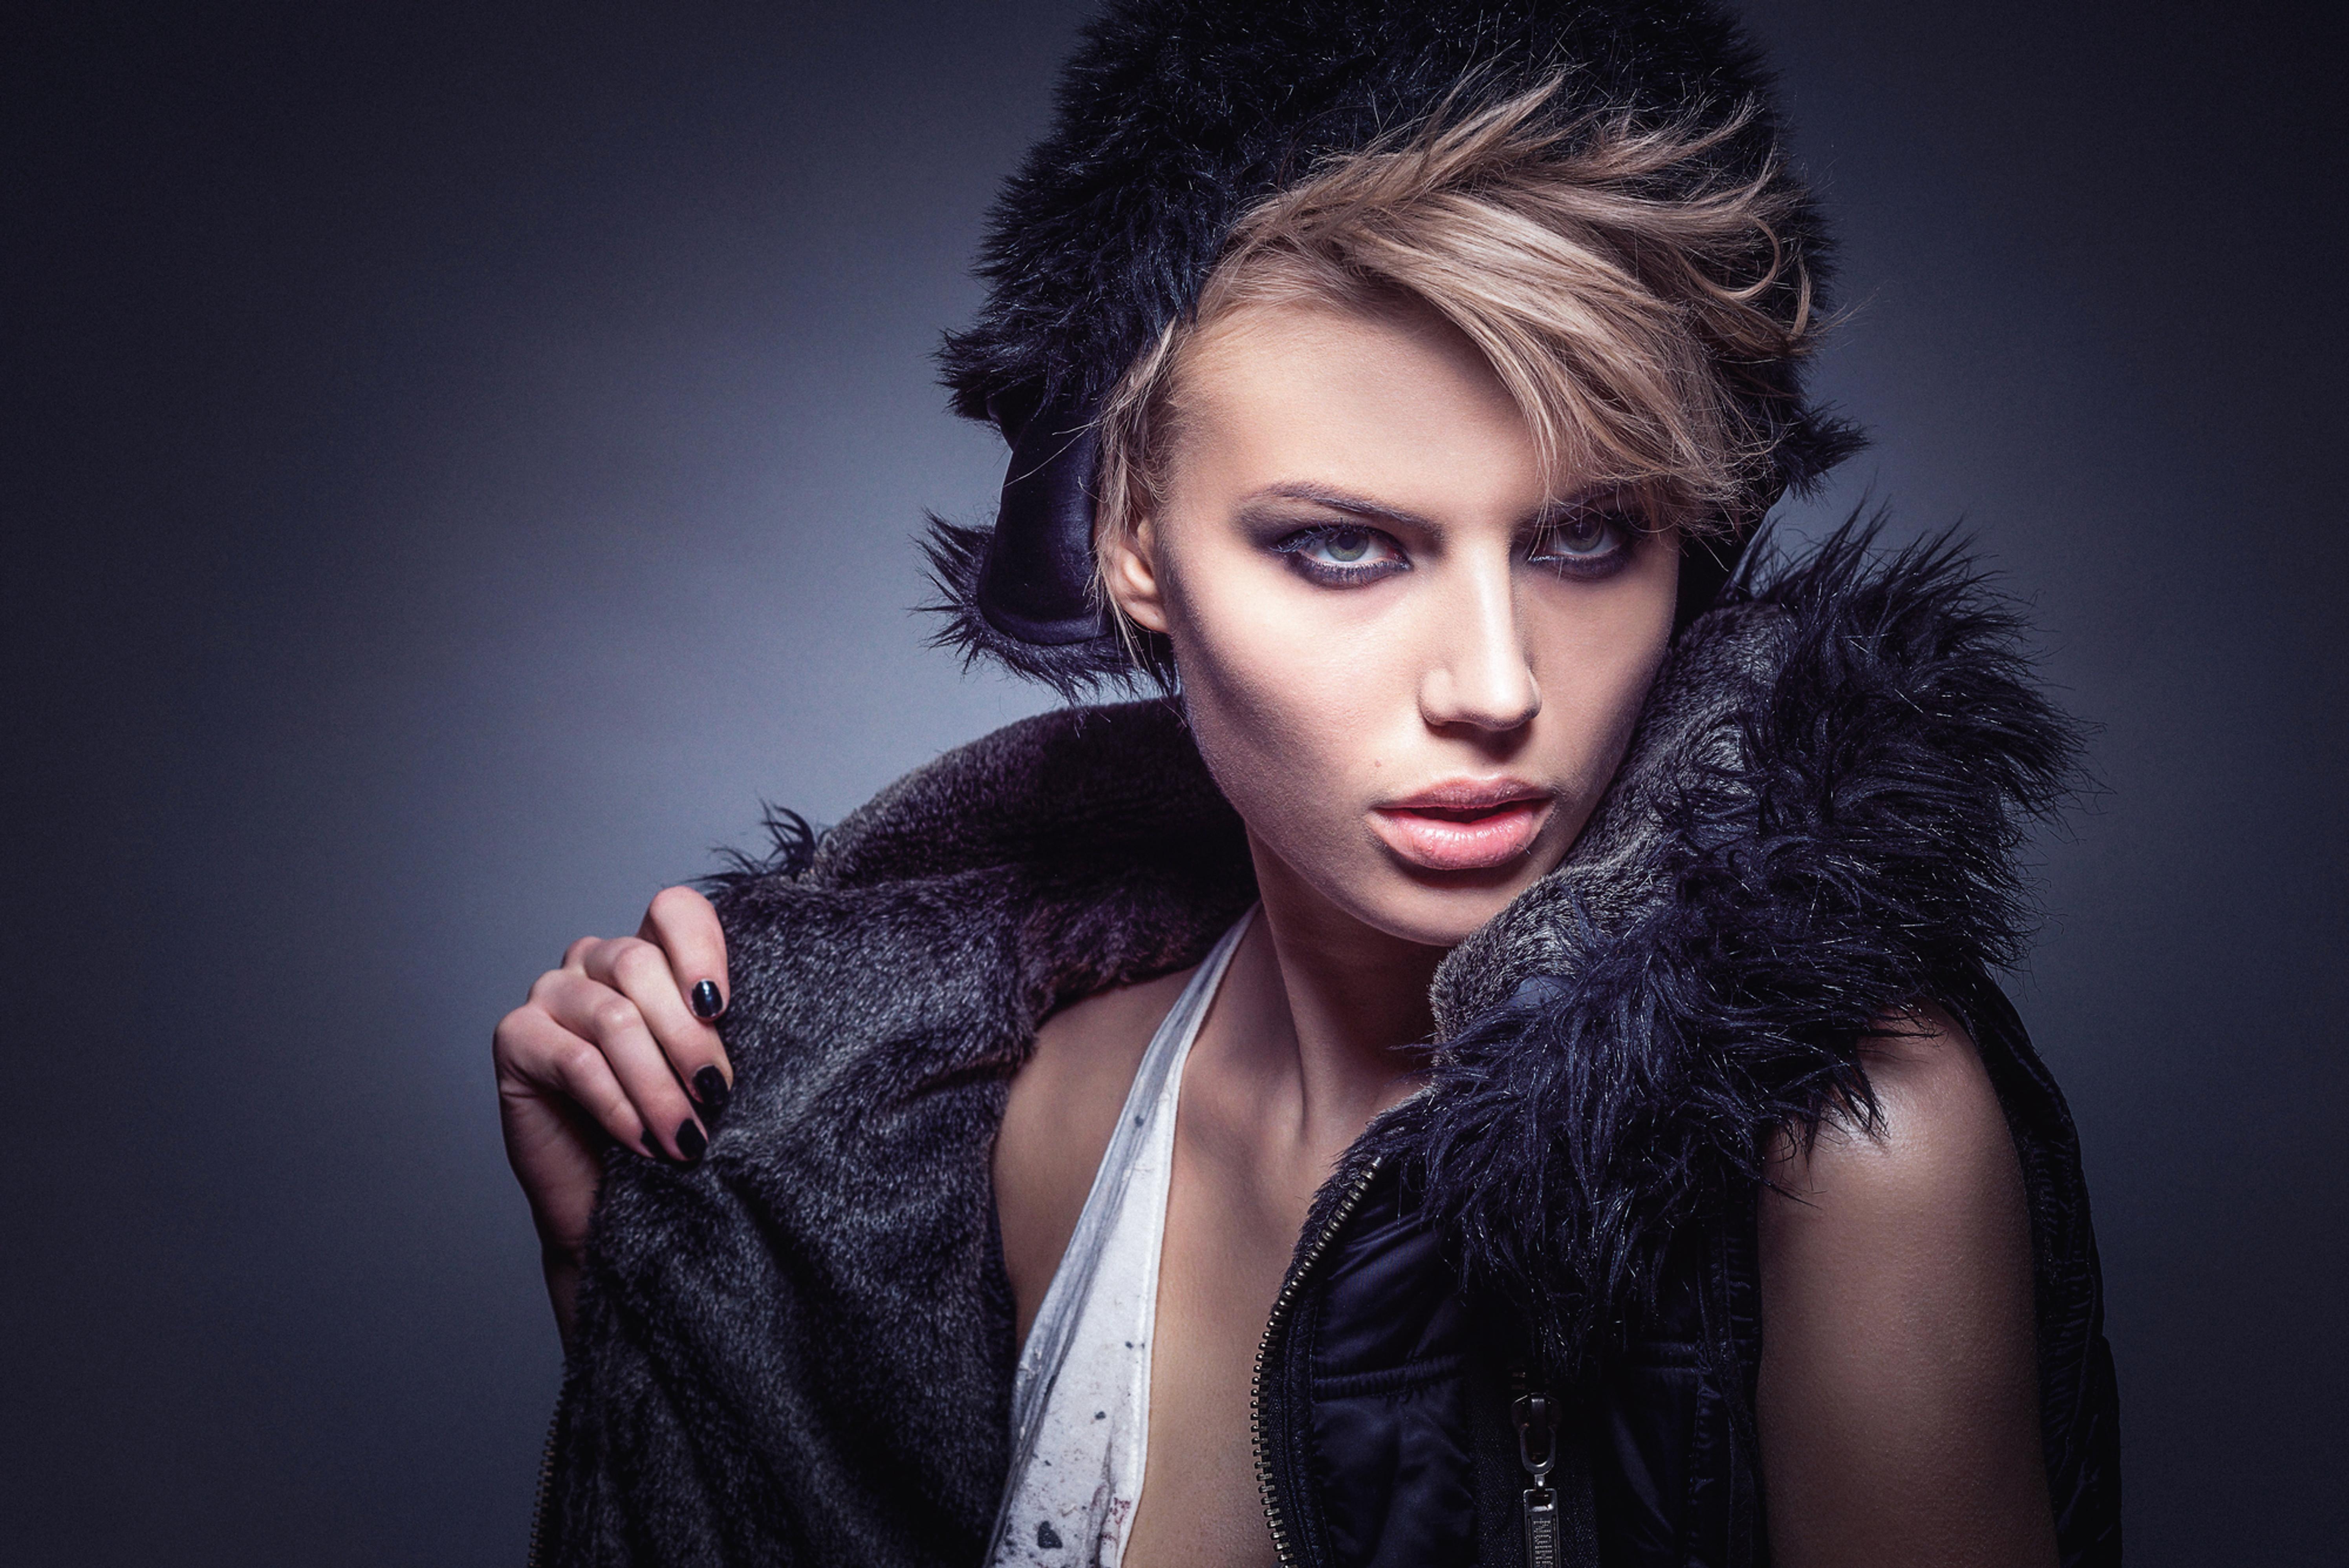 Actor/Model Portfolio